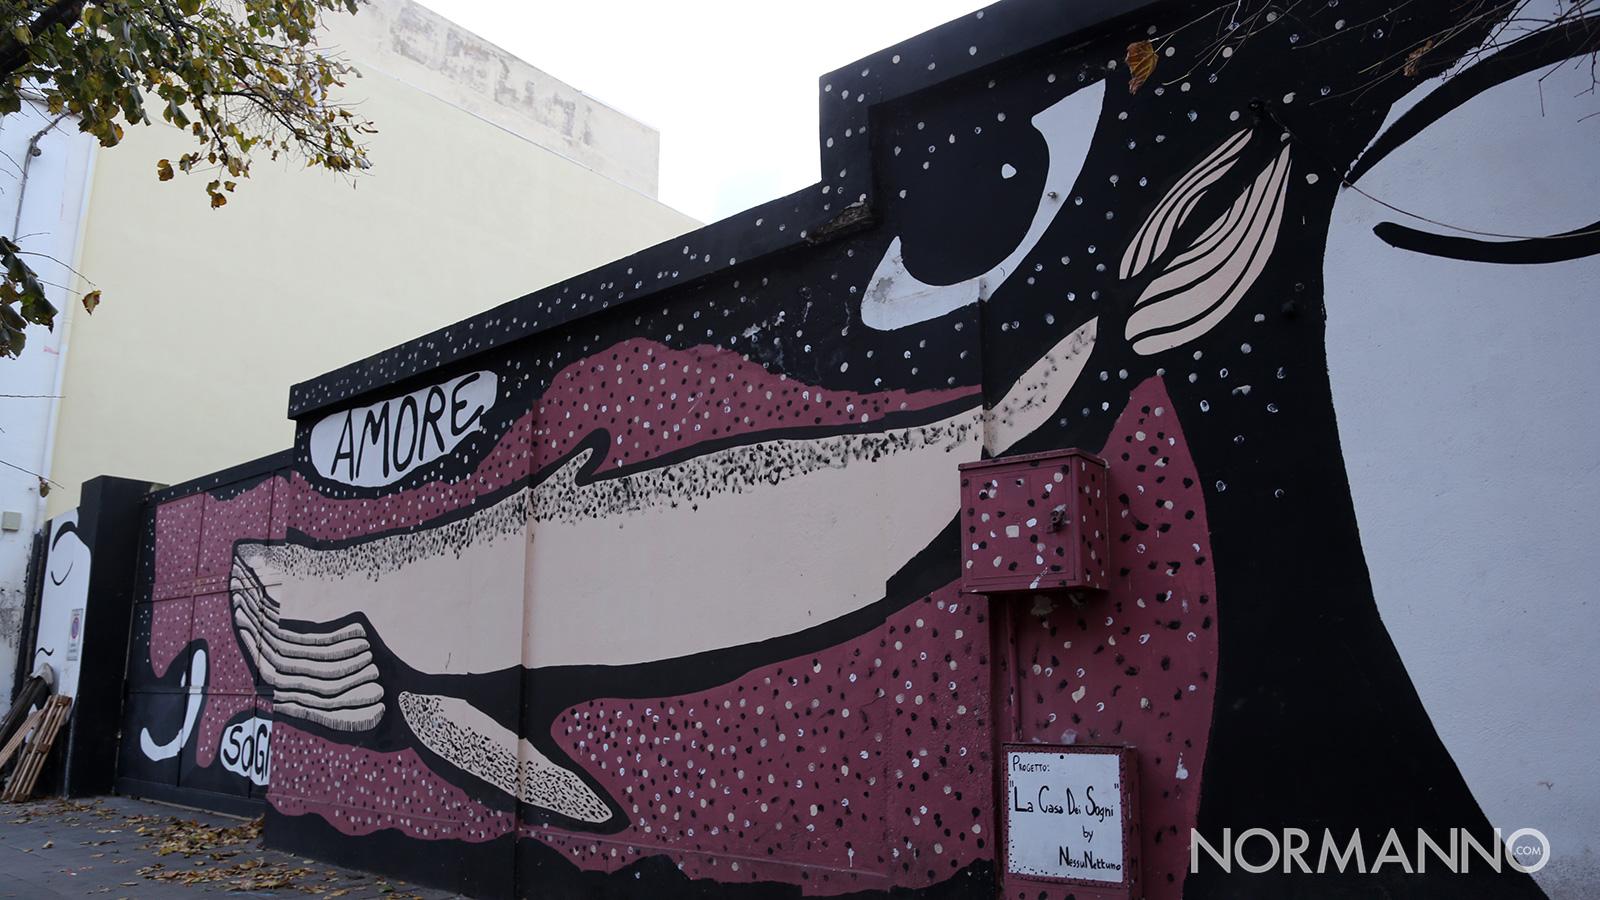 Luoghi di Messina: il deposito dei Giganti, il murales la casa dei sogni